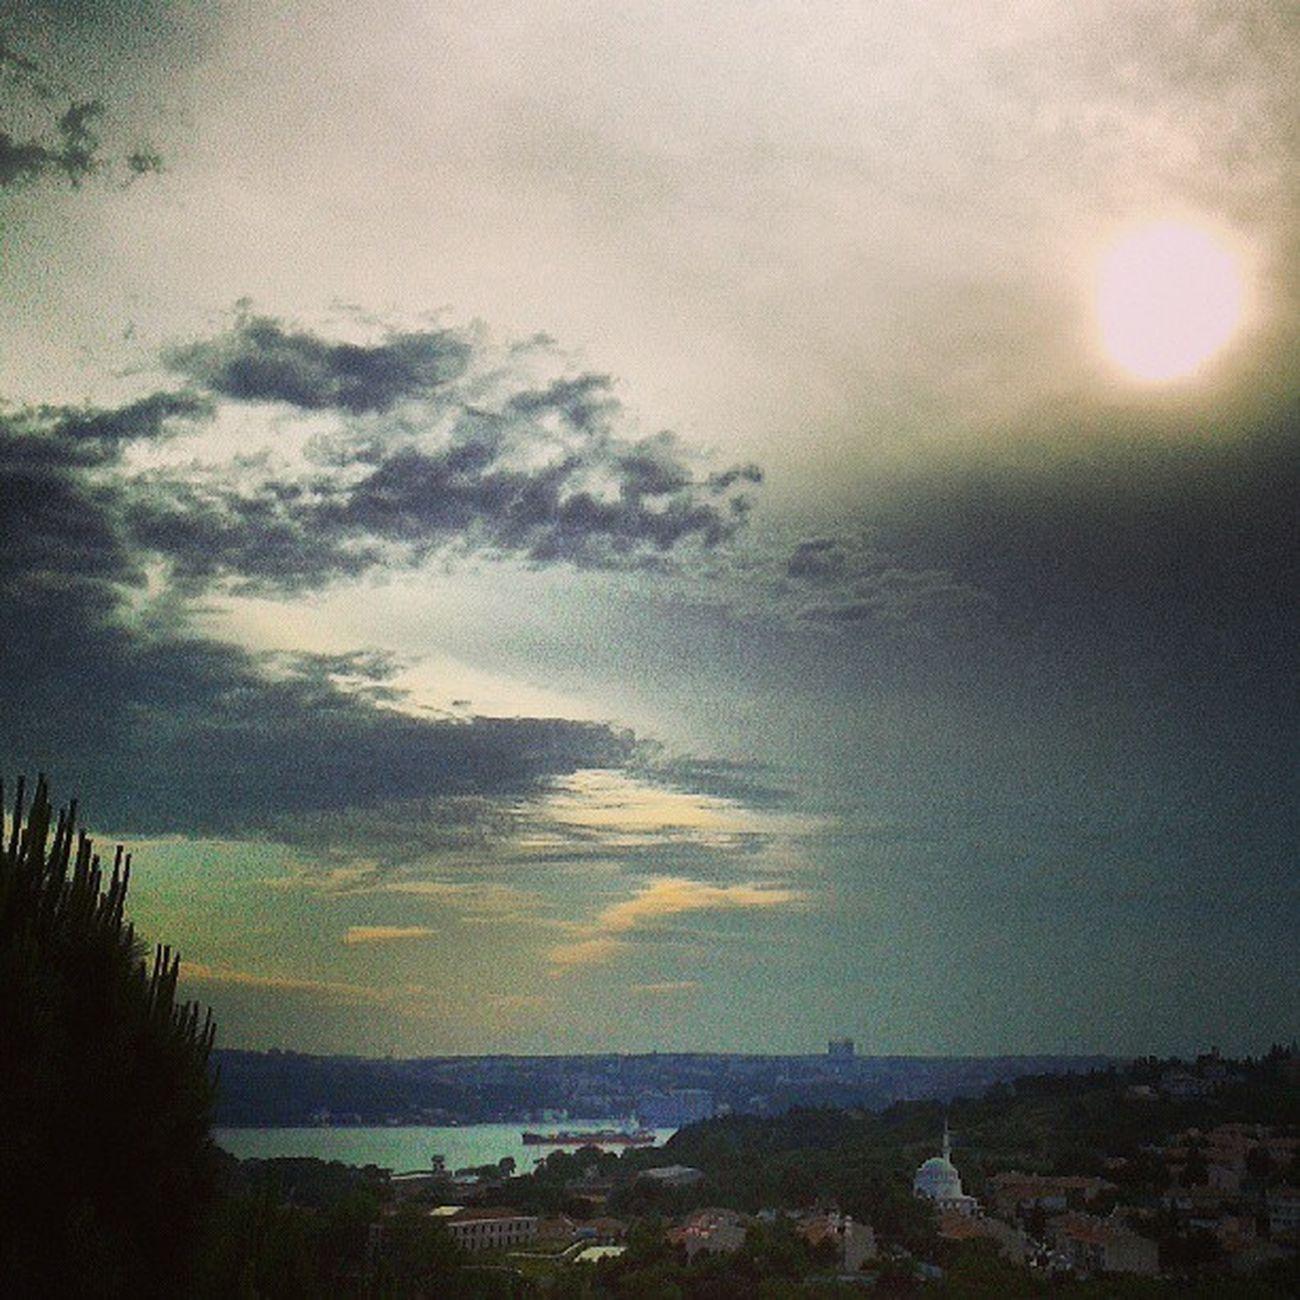 Hava taksimle dogru orantili!!! Bagustu Beykoz Istanbulbogazi Tarabya